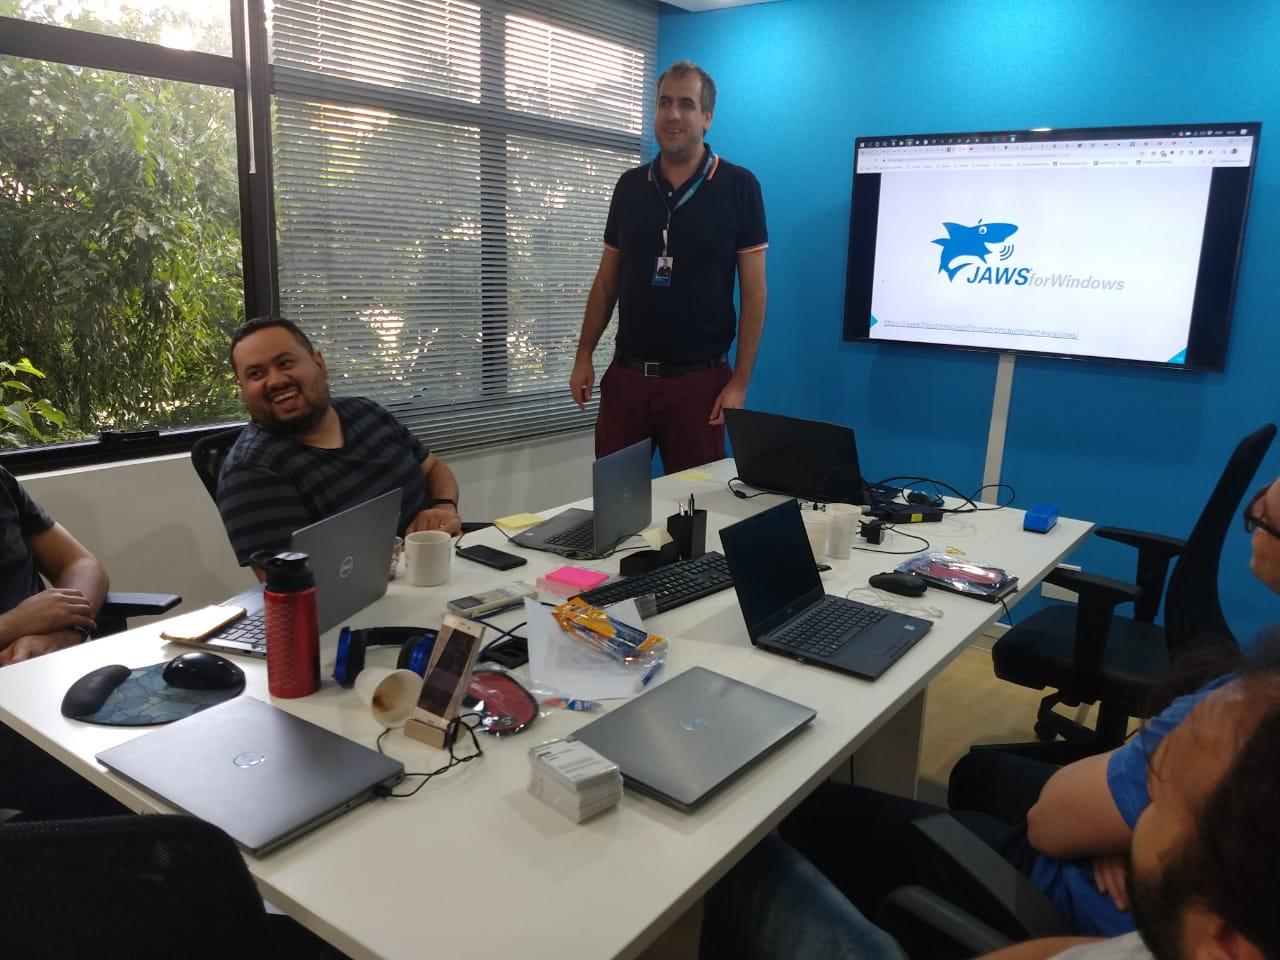 Curso de acessibilidade, foto de uma sala com uma parede azul de fundo, com um quadro branco mostrando a apresentação da aula, no meio uma mesa retangular com quatro alunos sentados ao redor e Daniel (nosso professor) em pé.